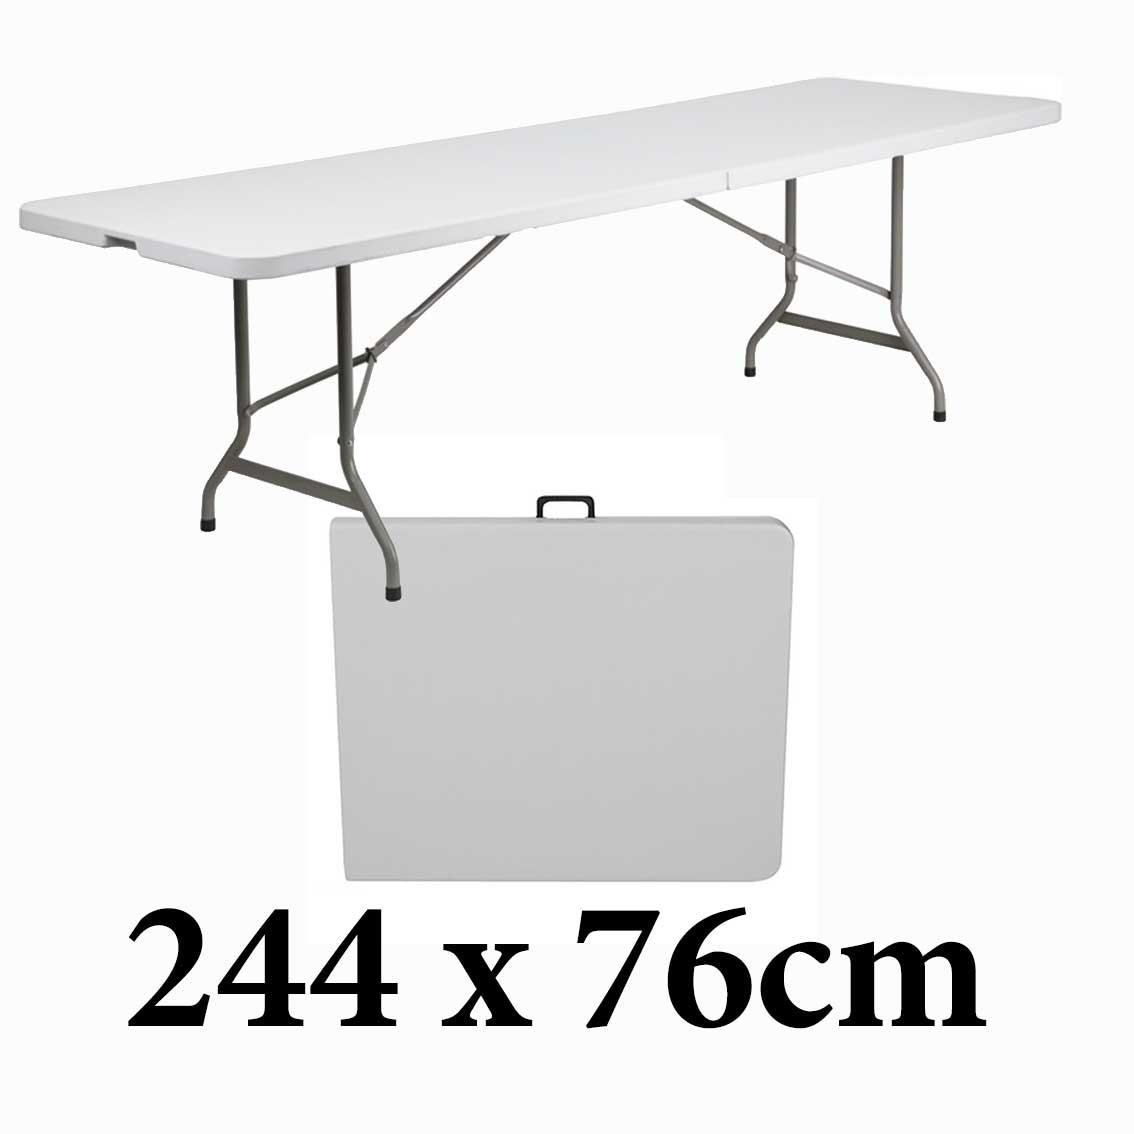 Πτυσσόμενο τραπέζι βαλίτσα Milano 244